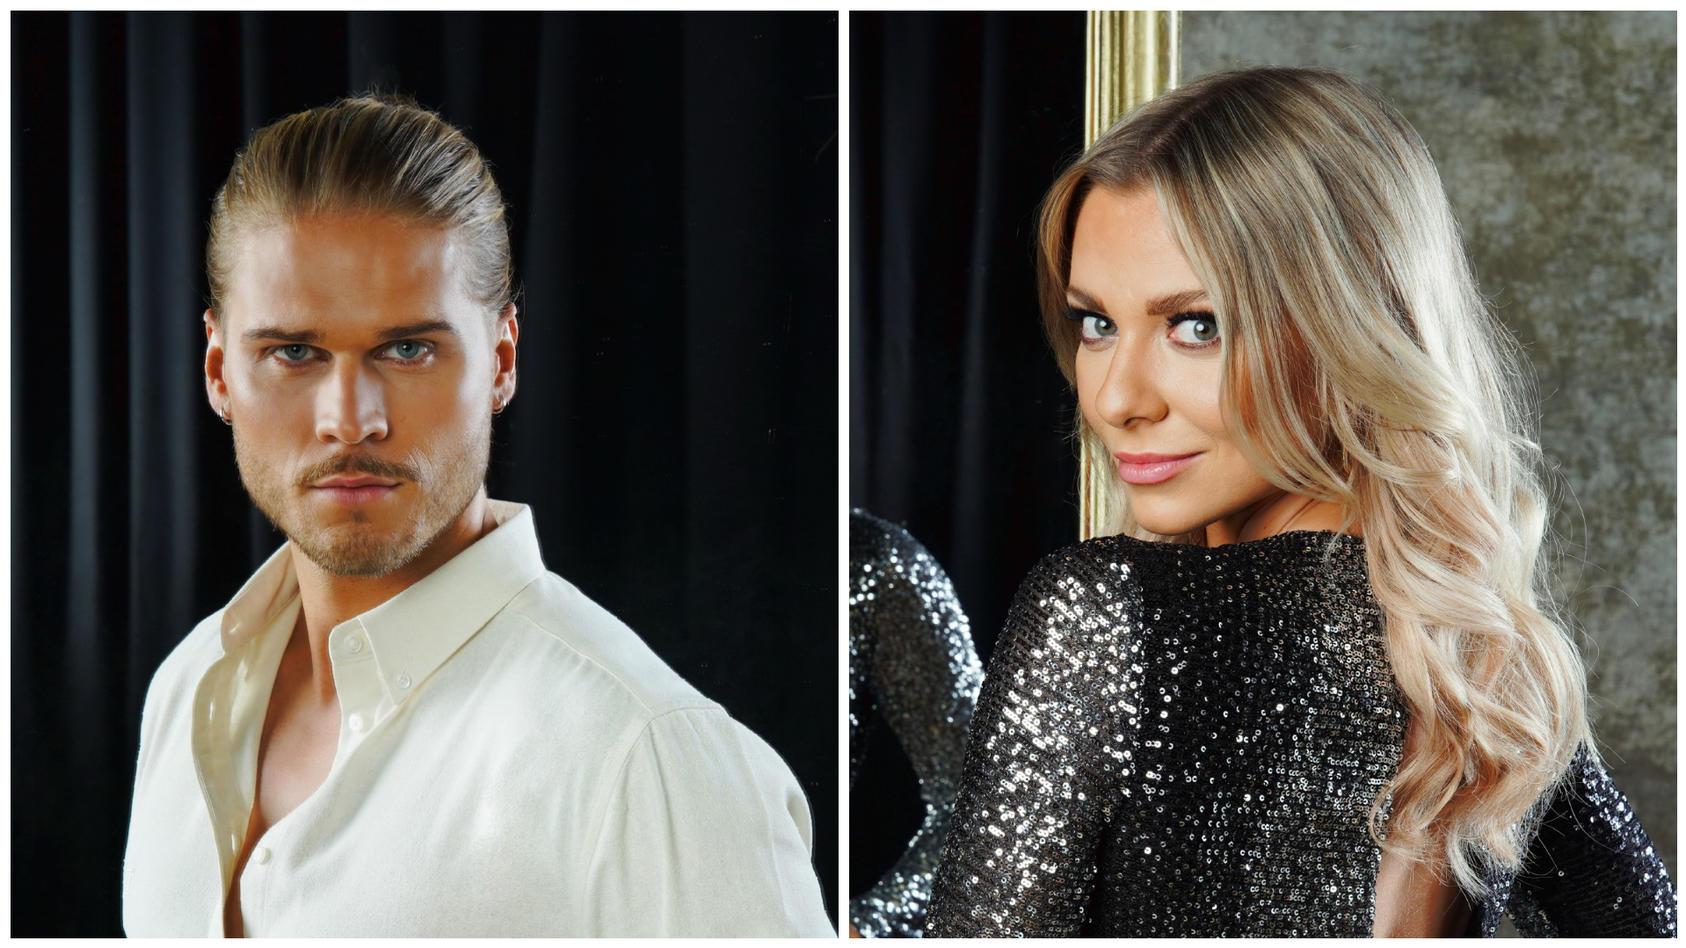 Immer wieder kochen Gerüchte hoch, Rúrik Gíslason und Valentina Pahde seien ein Paar.